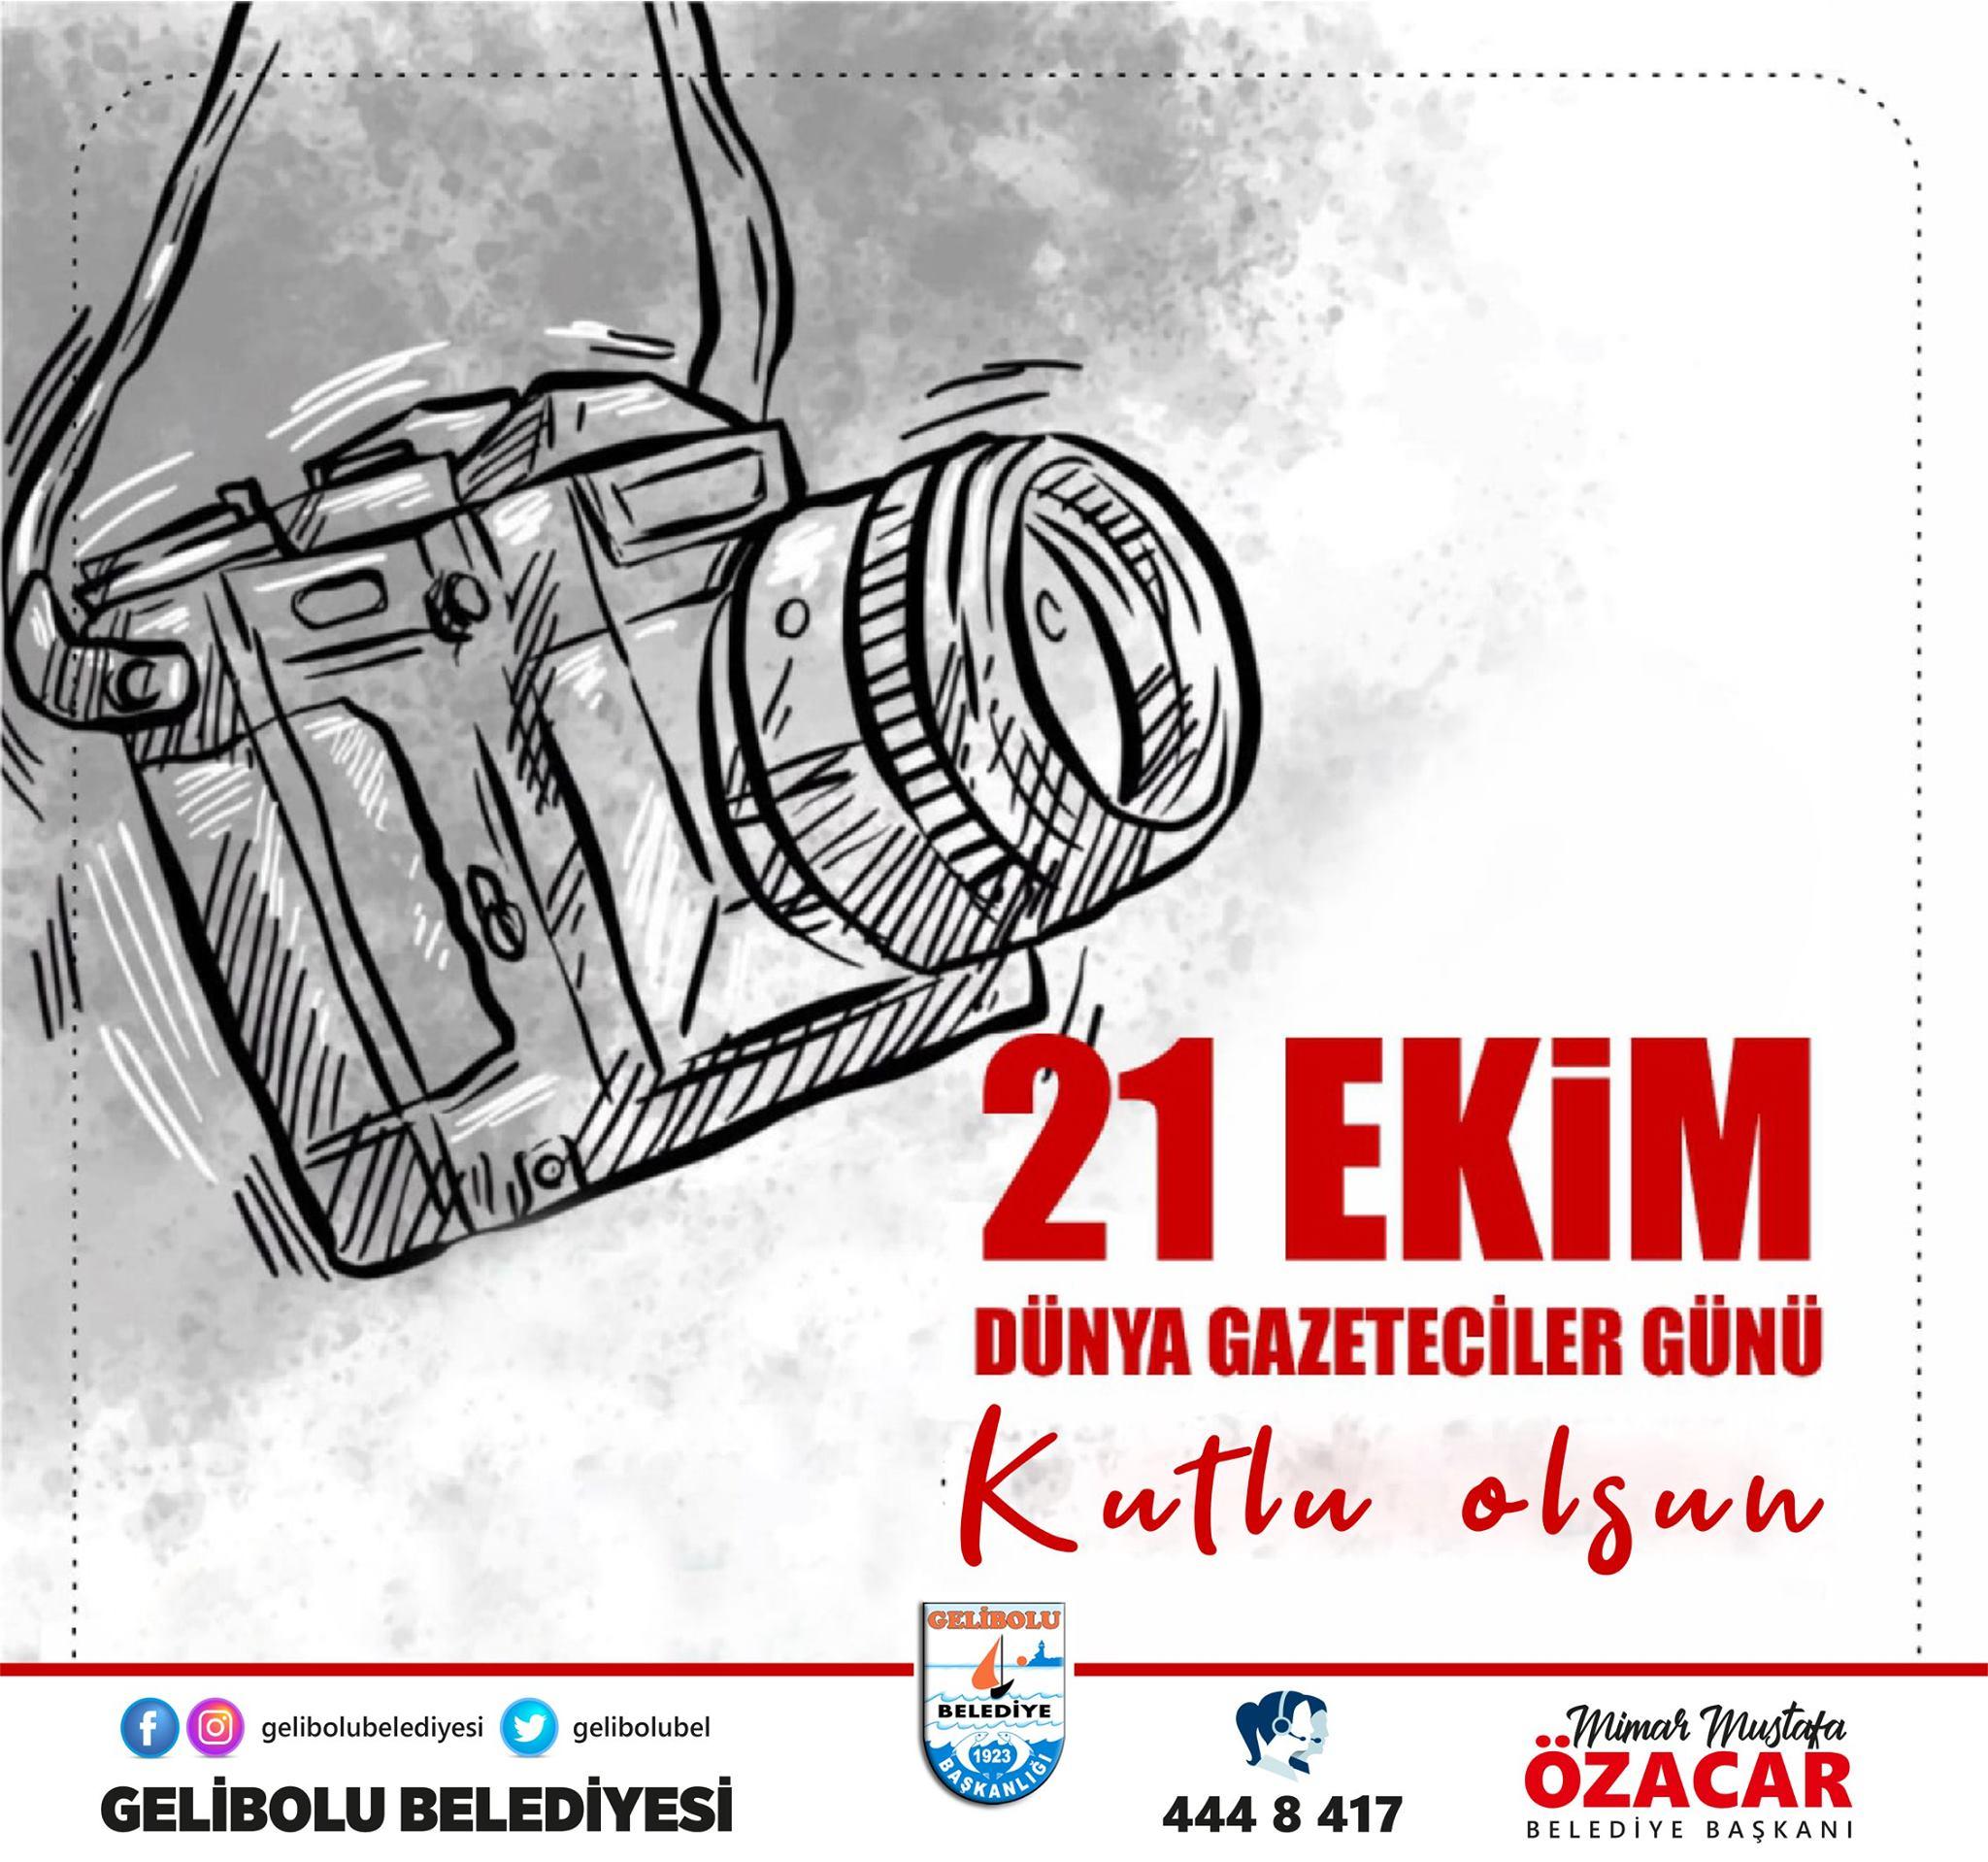 Özacar'dan Dünya gazeteciler günü mesajı